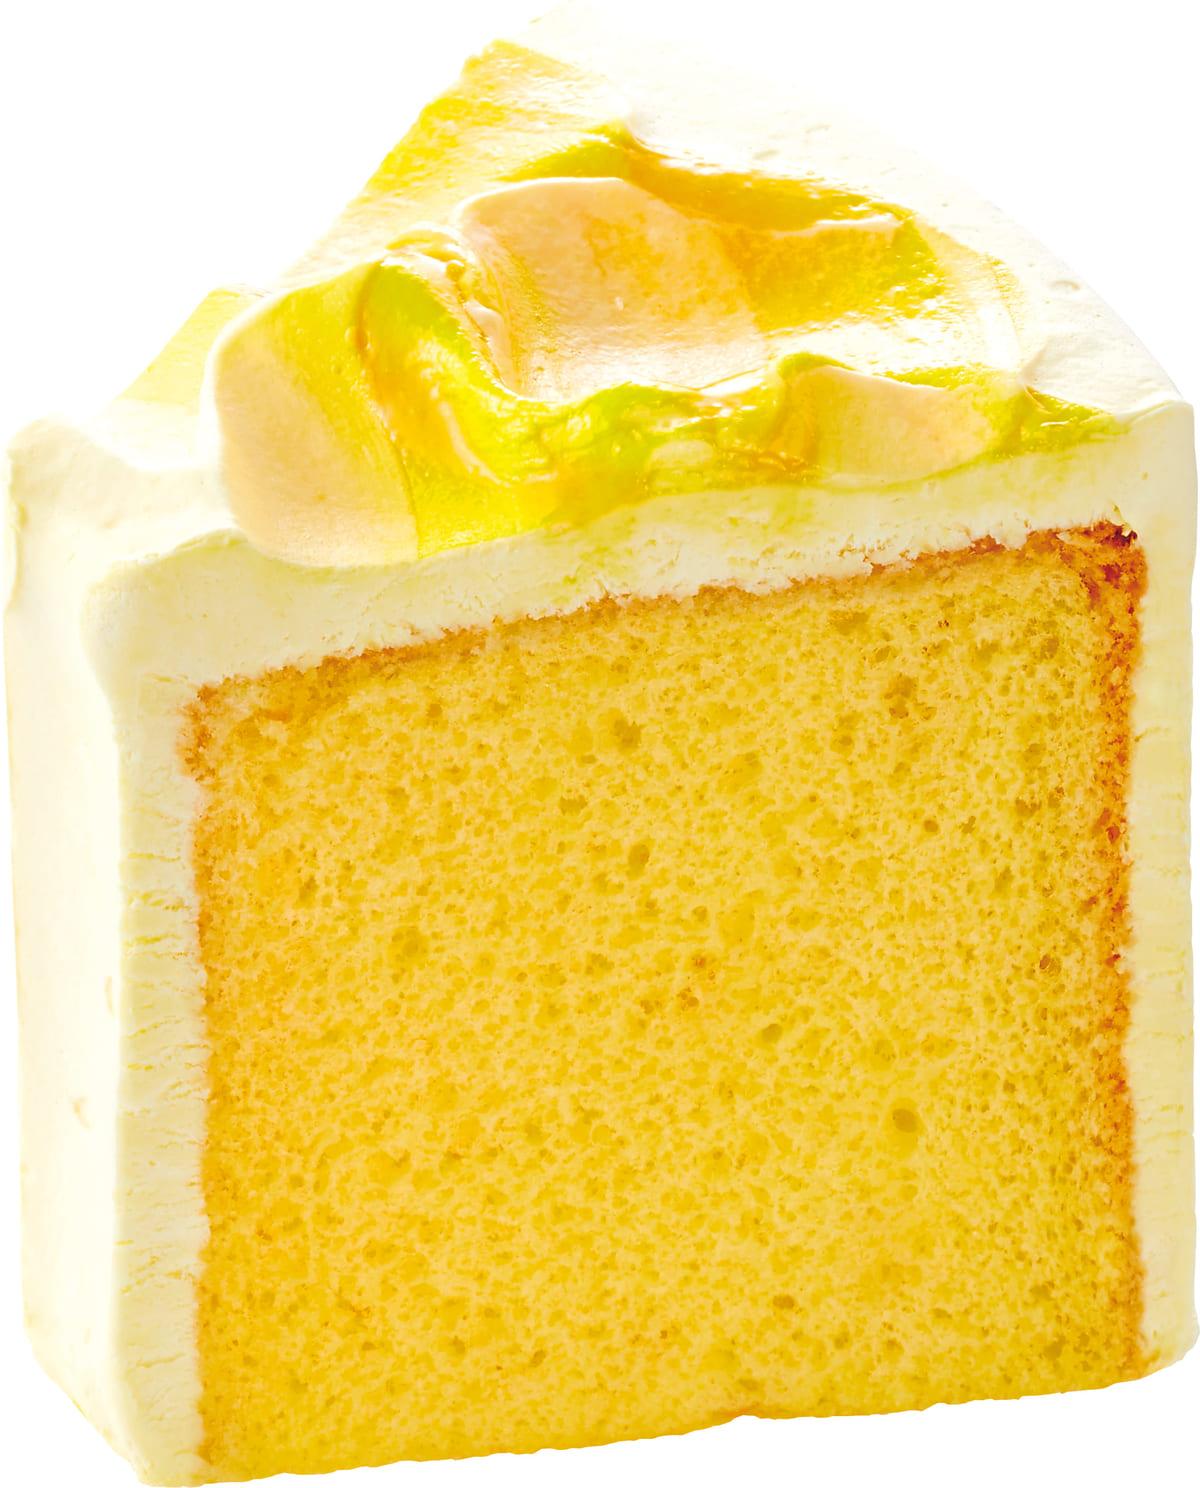 コメダ「季節のケーキ」4